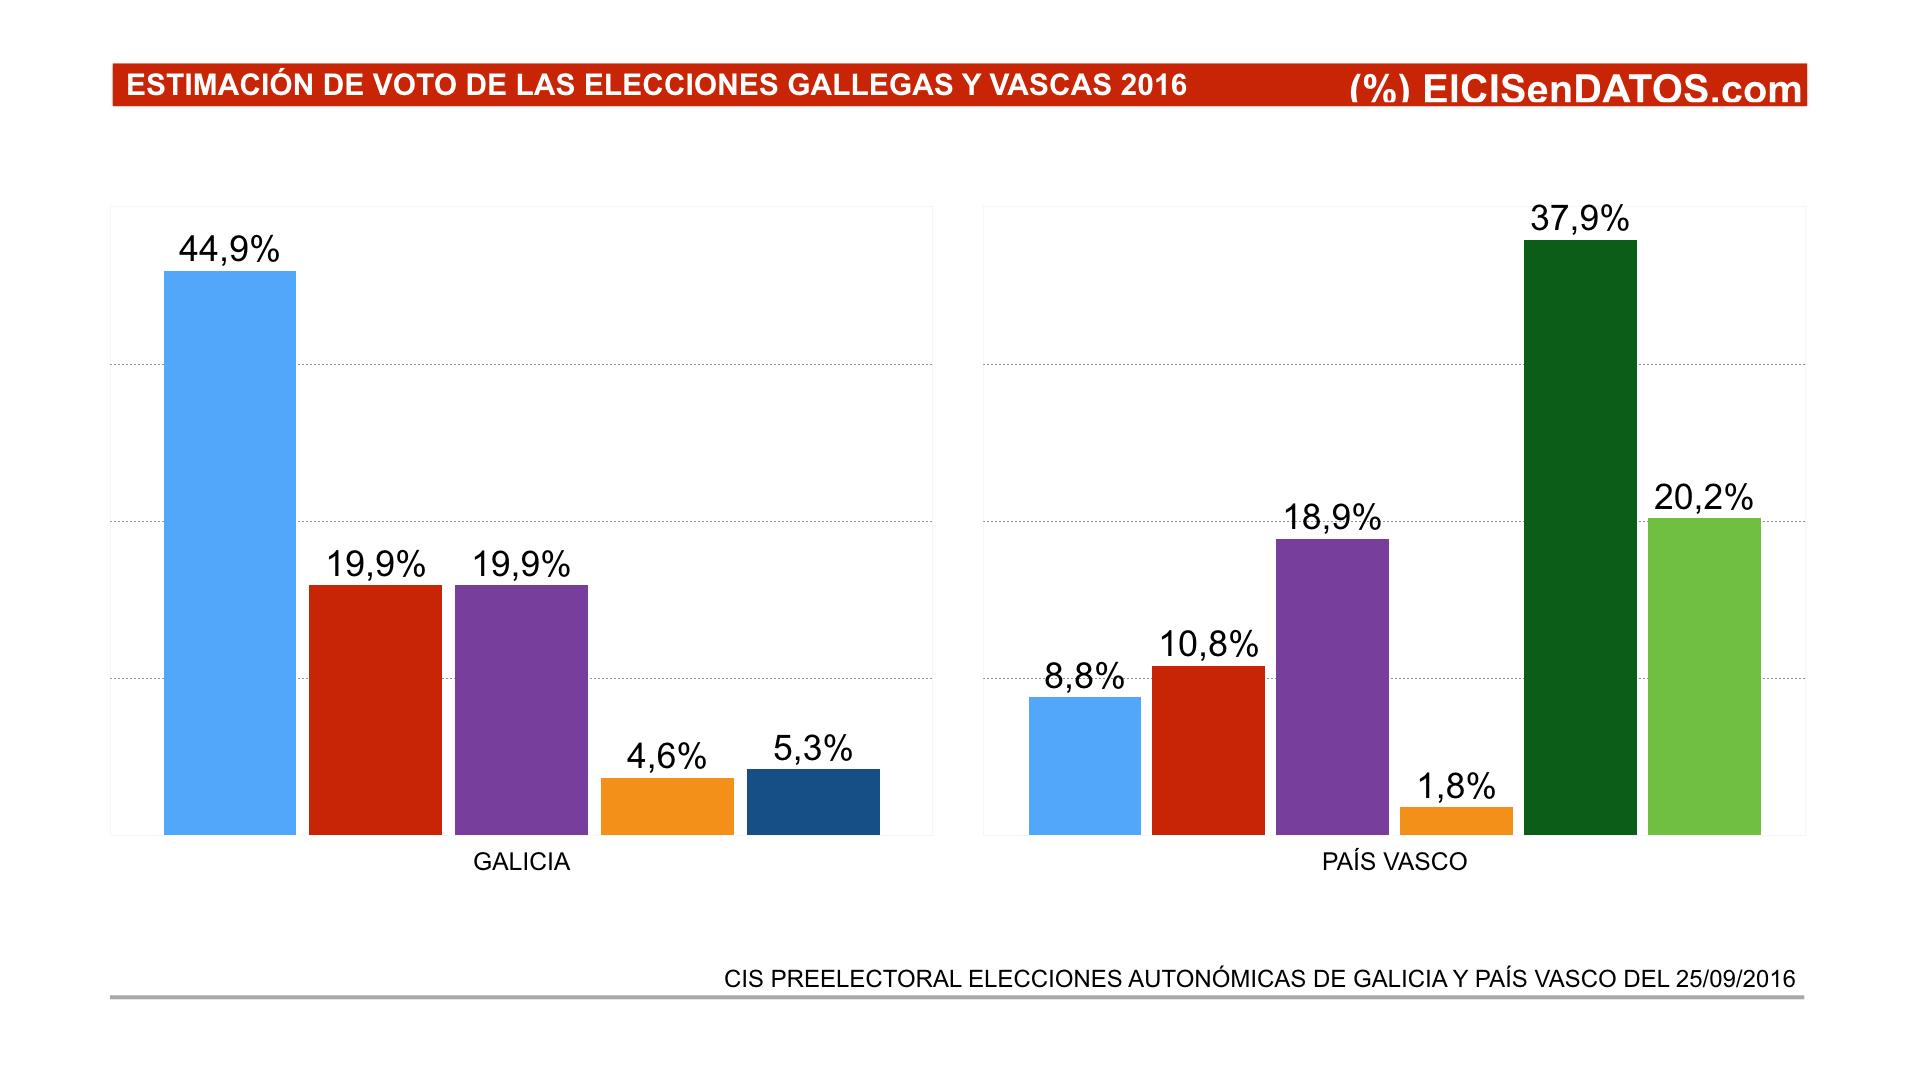 CIS preelectoral  Ciudadanos sería el menos votado de las elecciones ... 1a51320be49aa